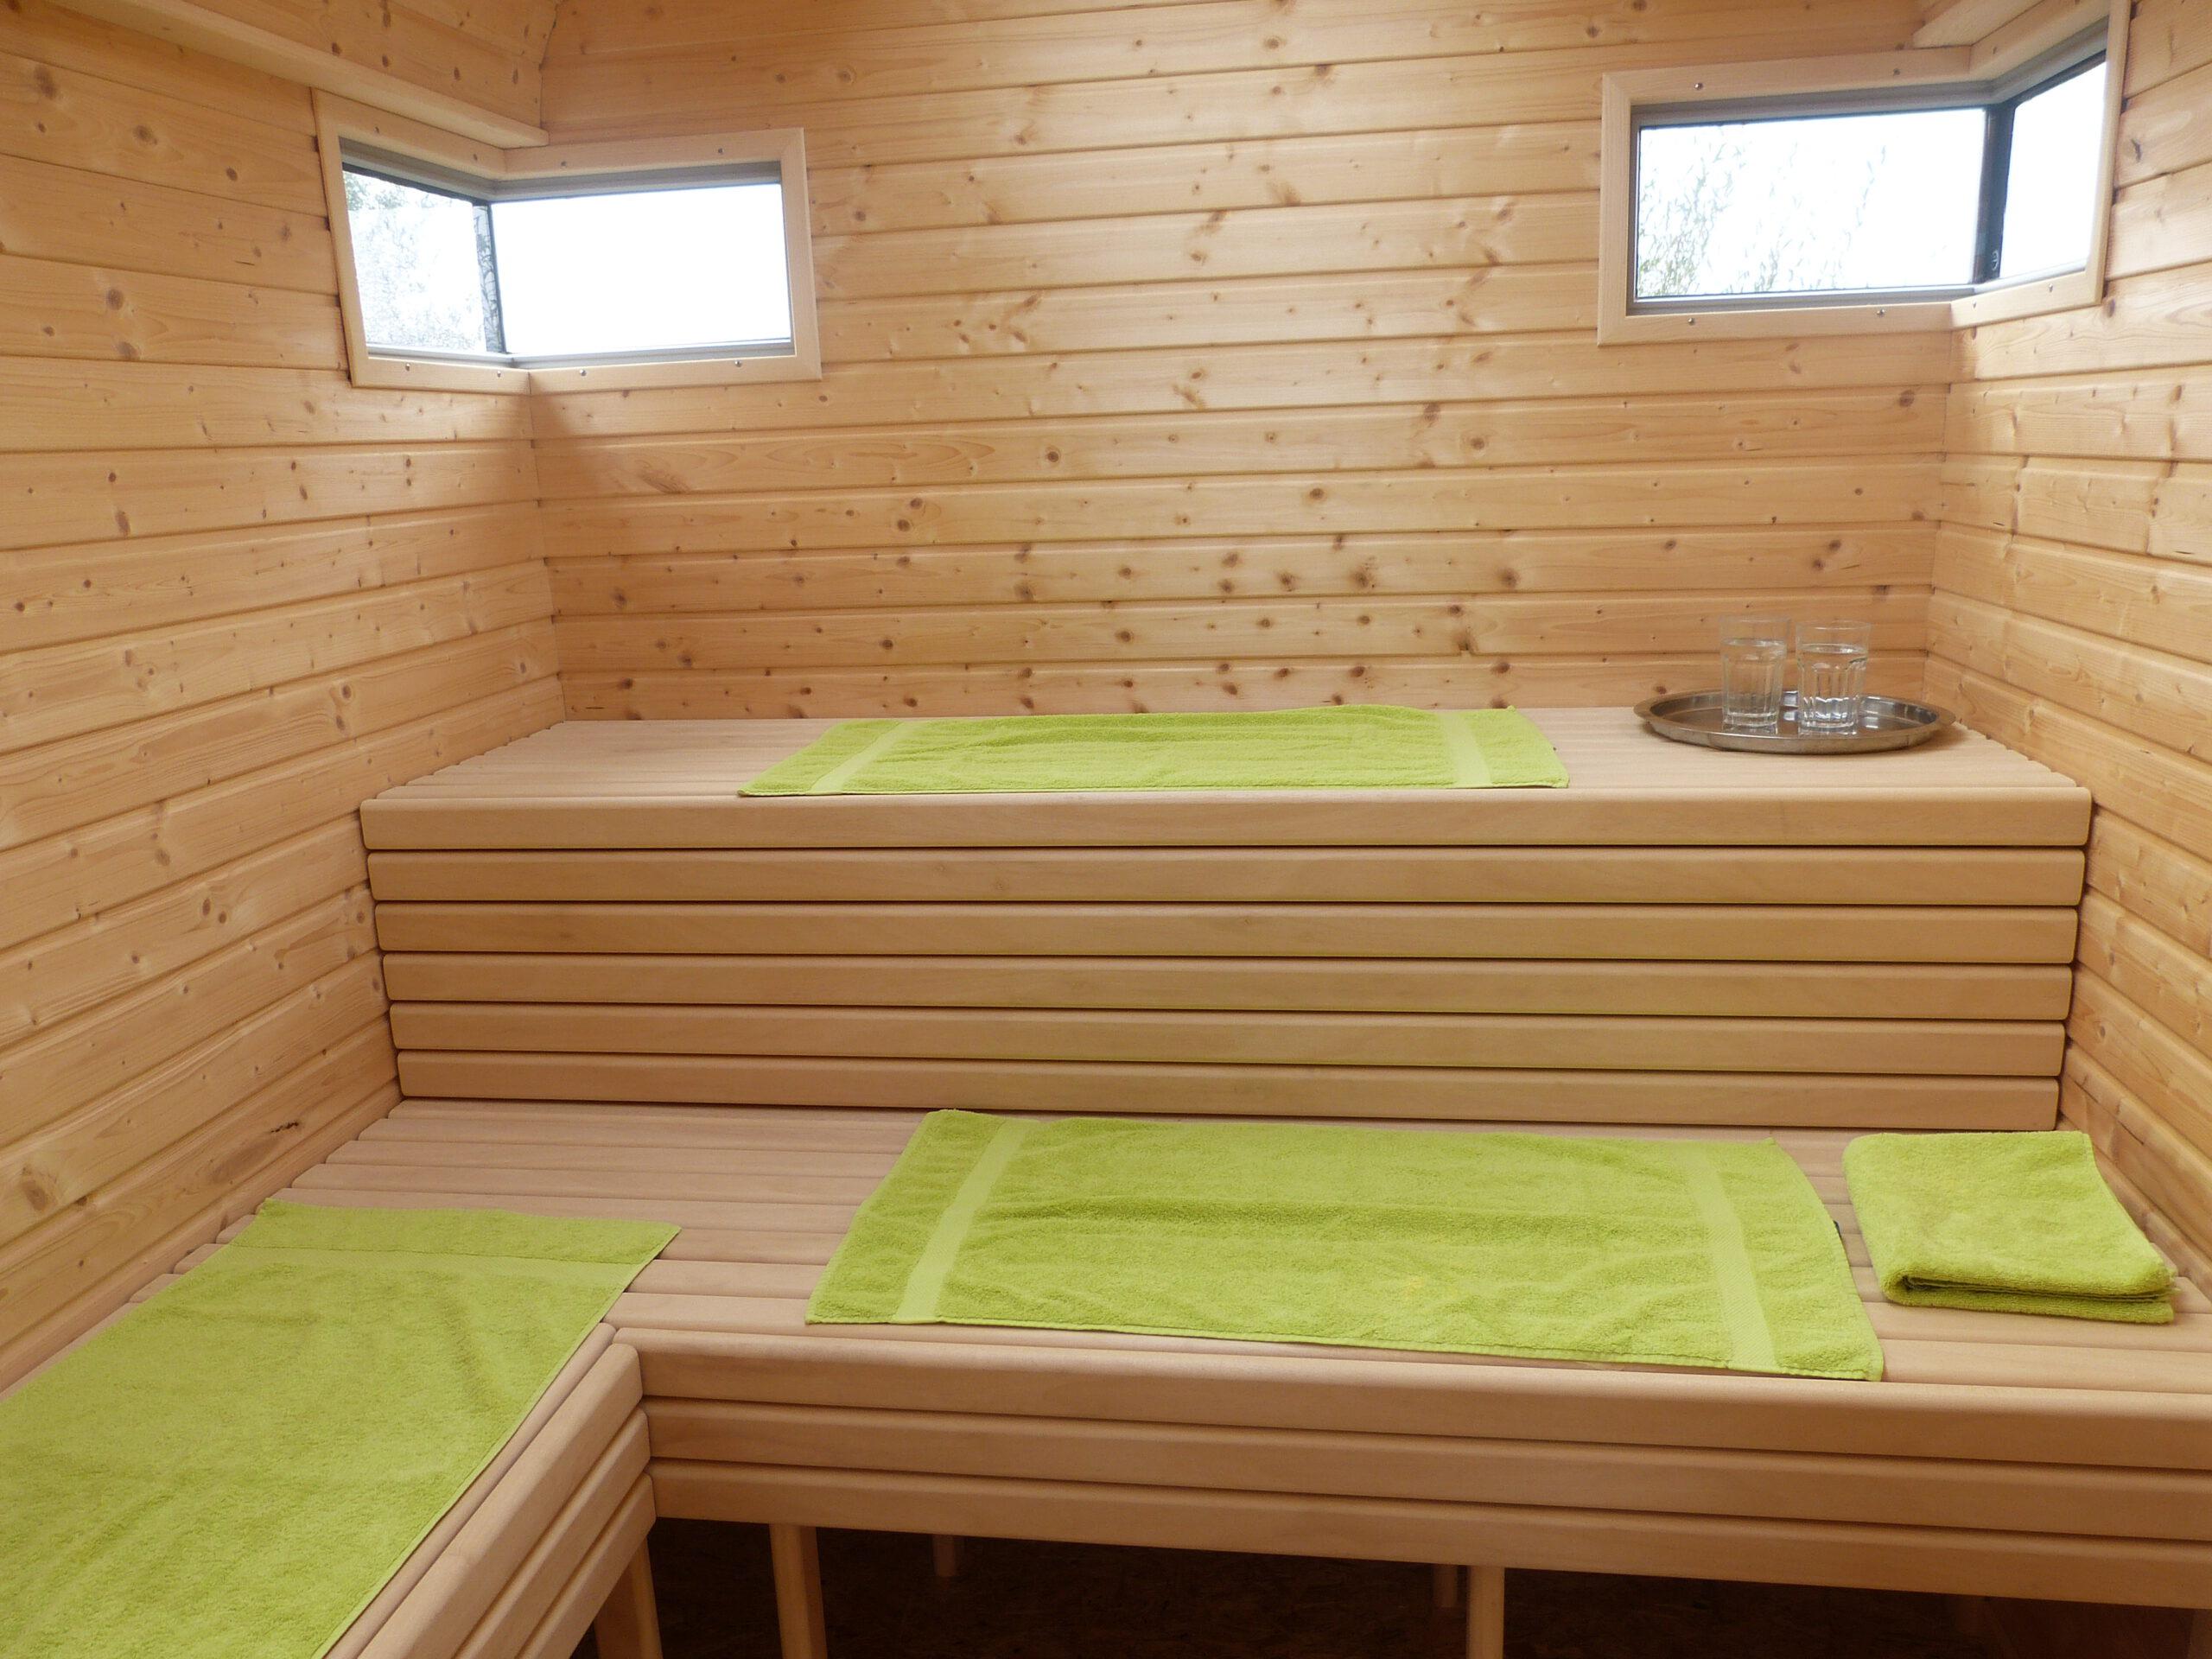 jan stölken gmbh - Saunawagen (2)